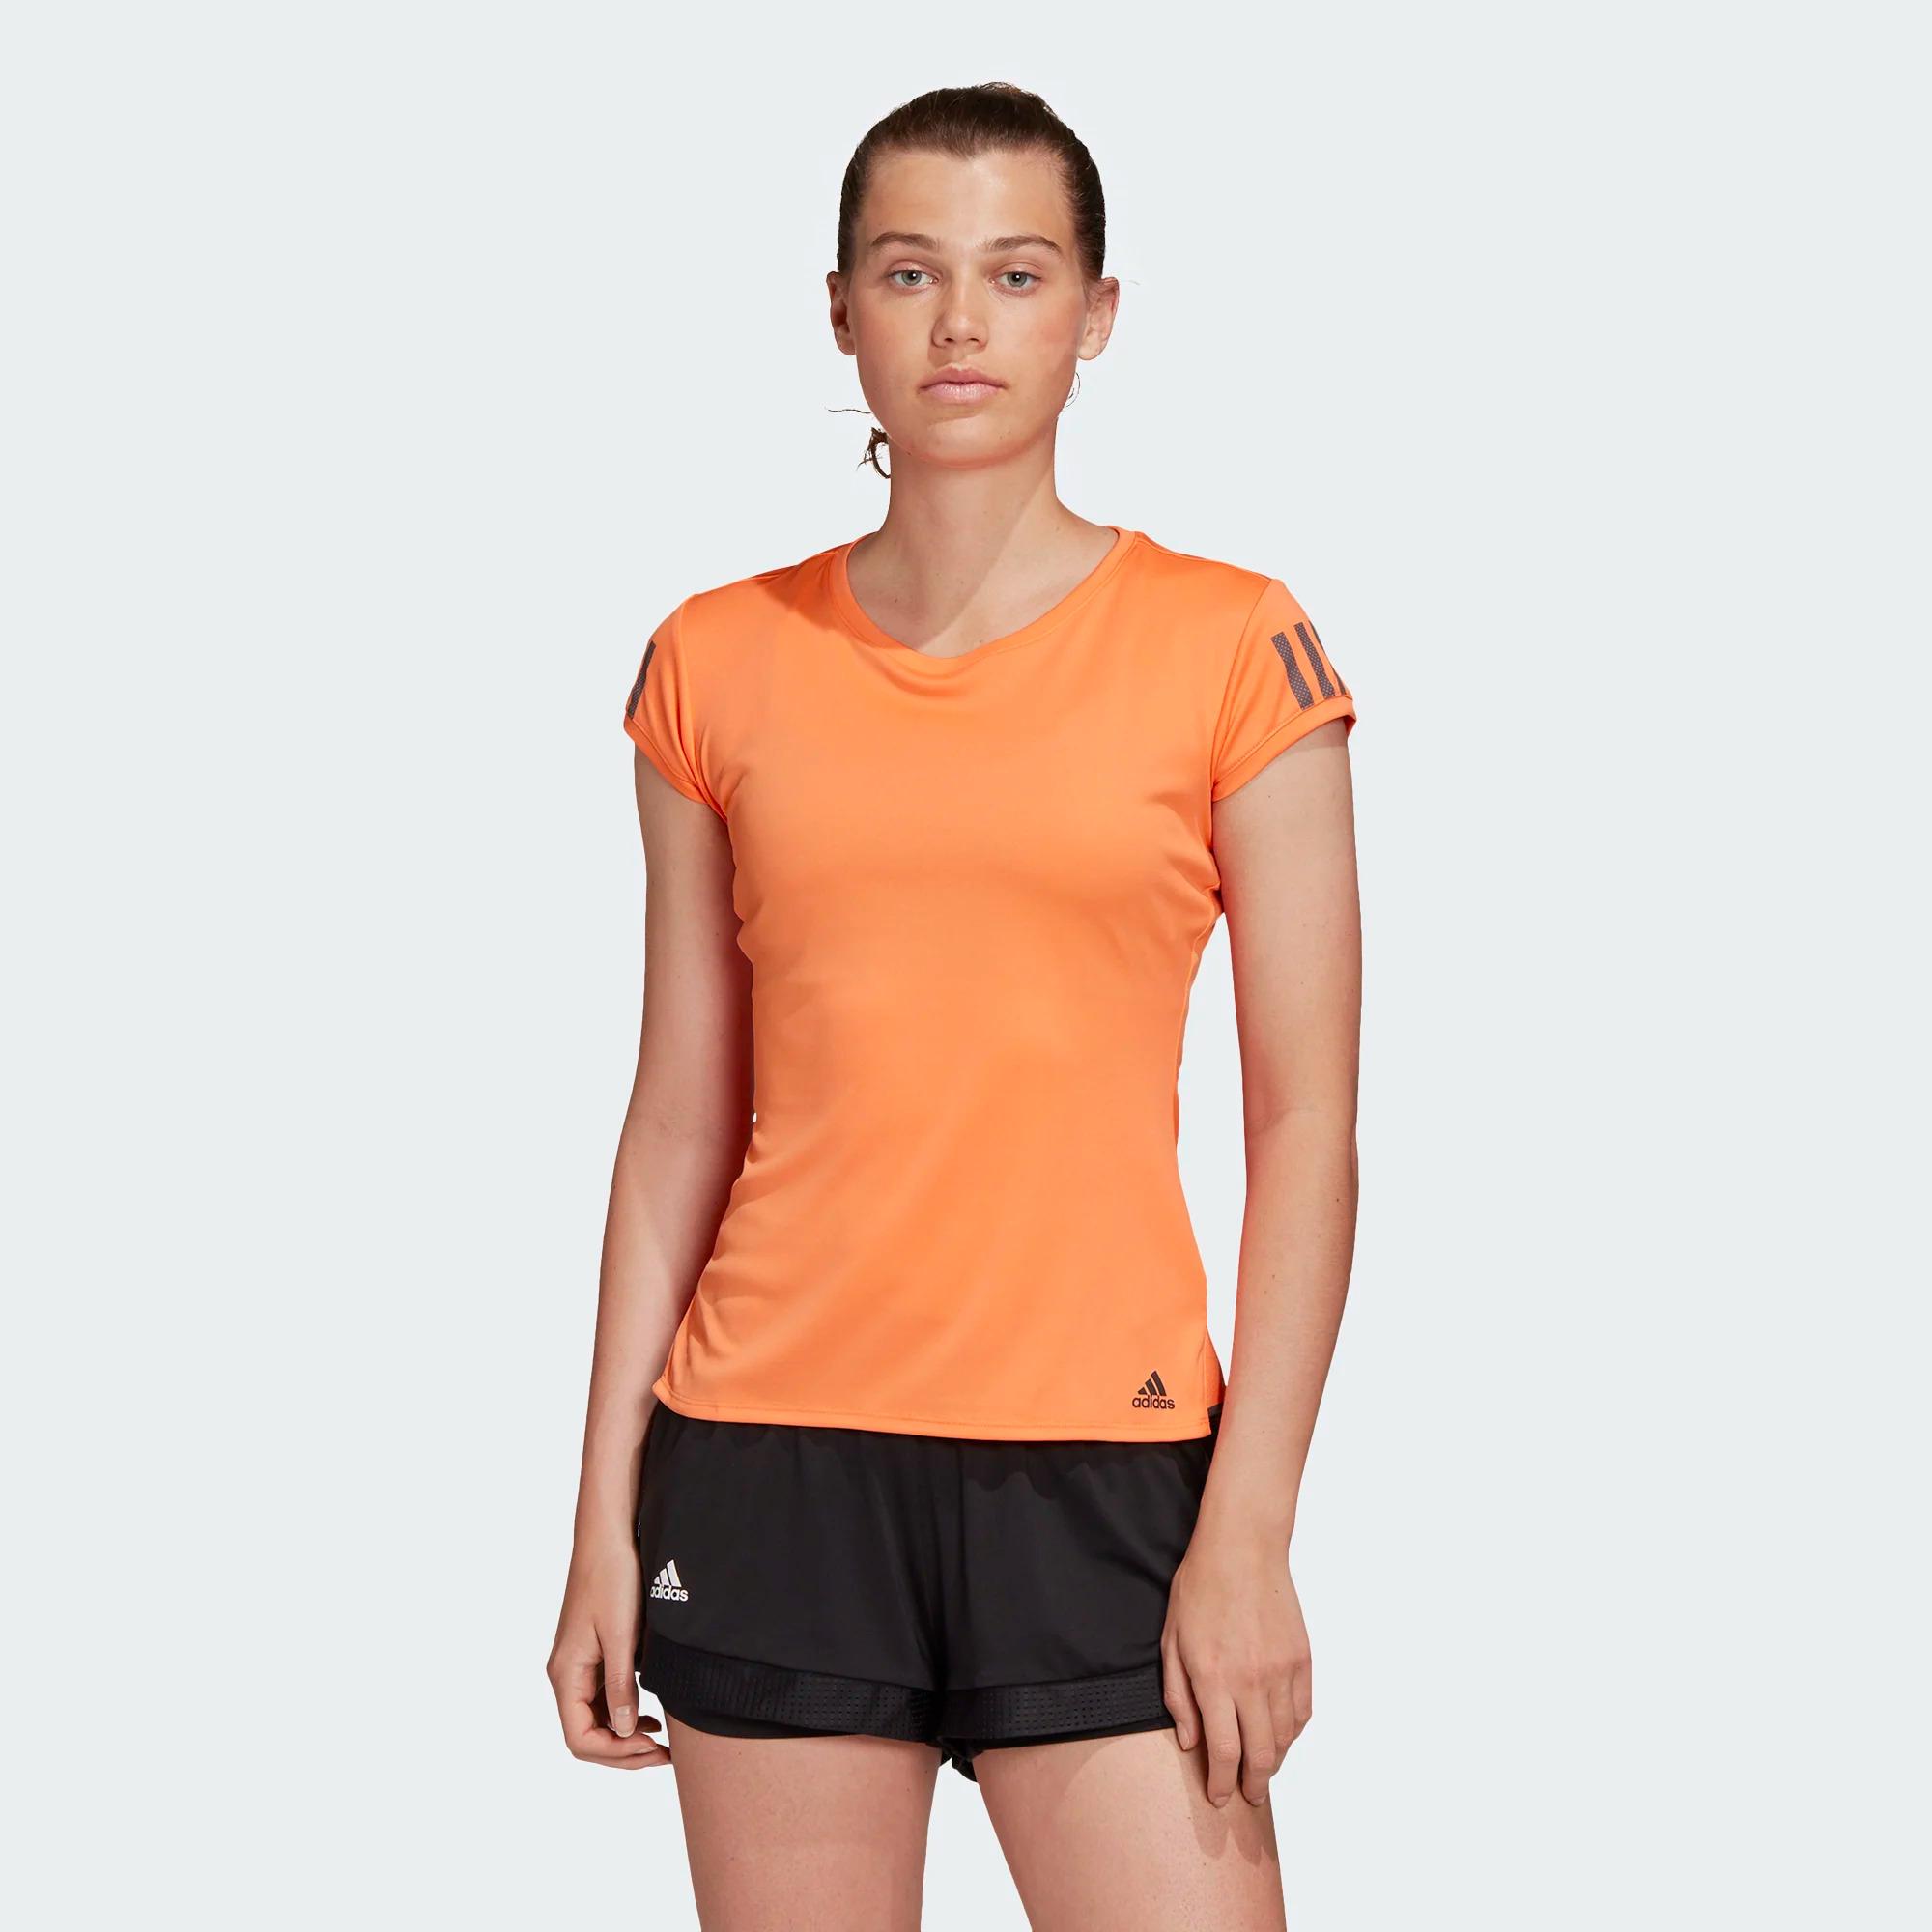 Adidas 3-Streifen Club T-Shirt